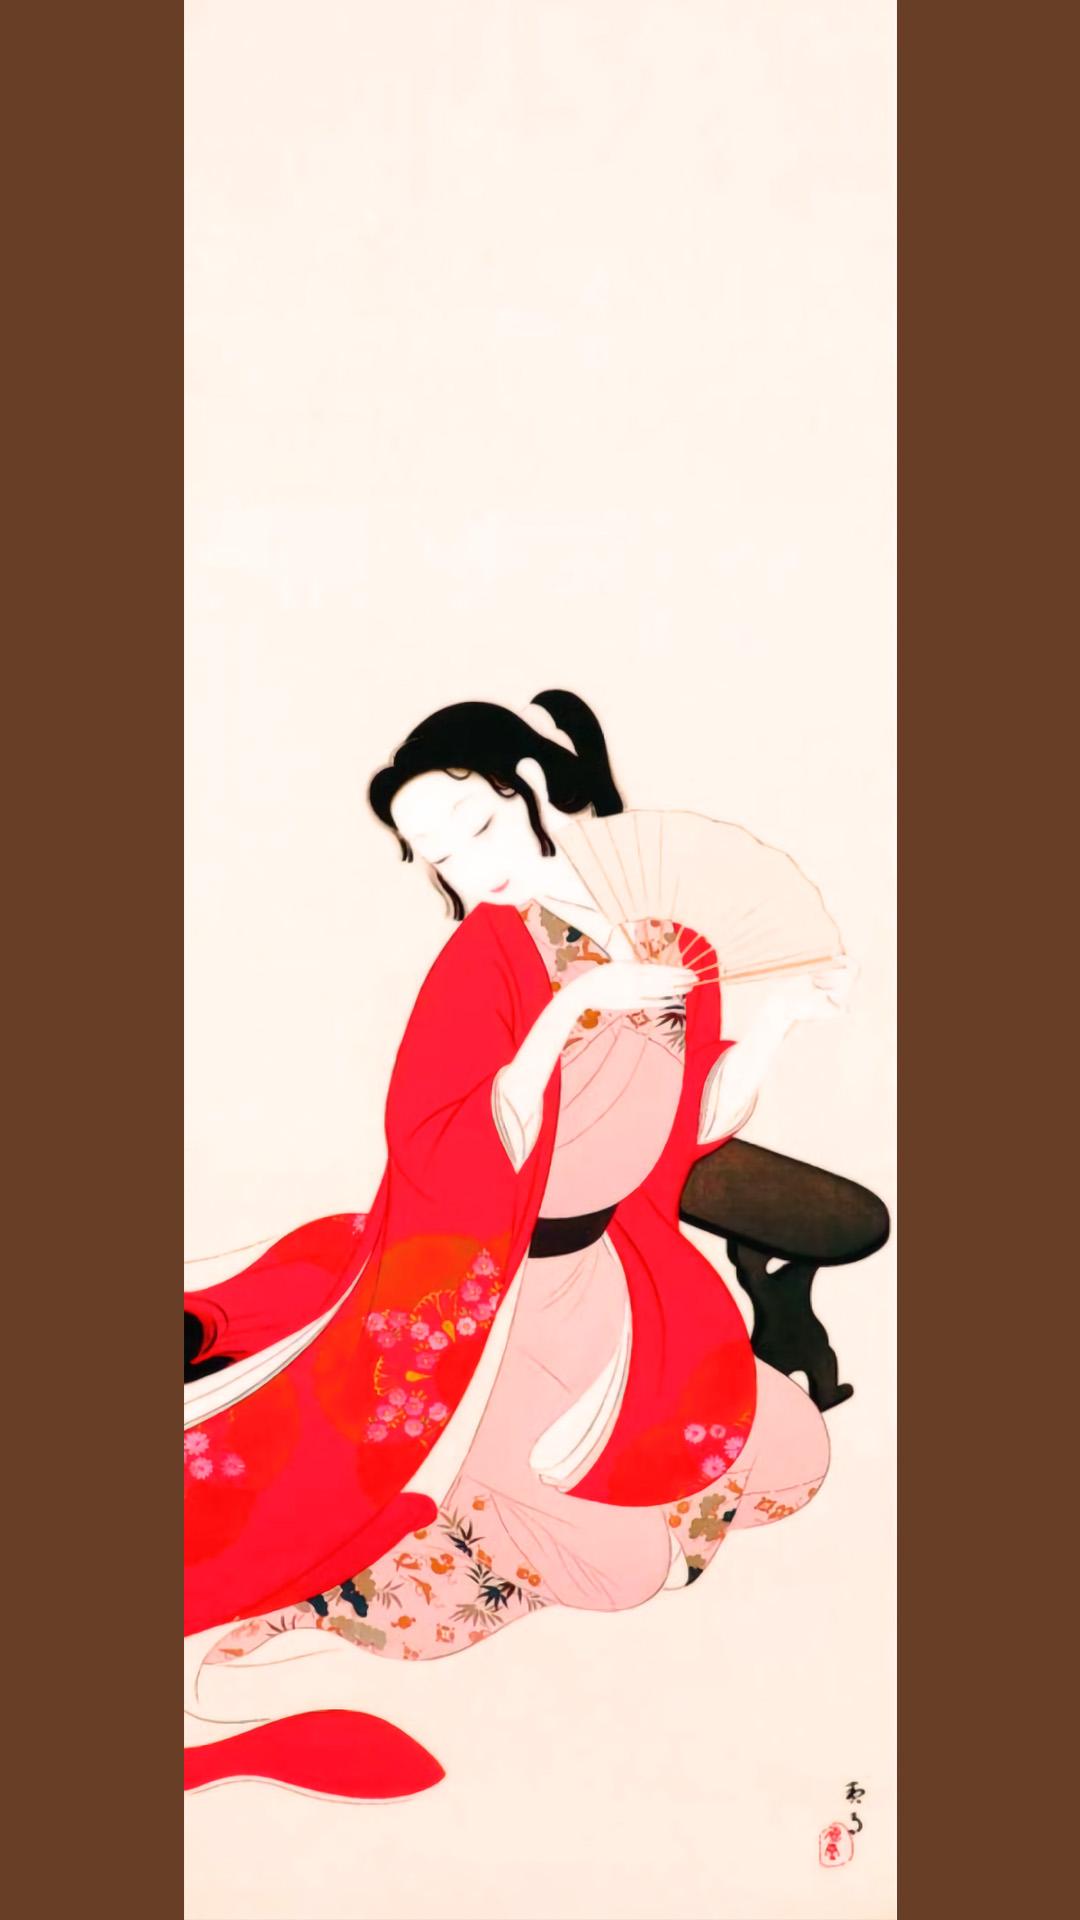 菊池契月 元禄美人 Kikuchi Keigetsu - Genroku bijin 1080x1920 2